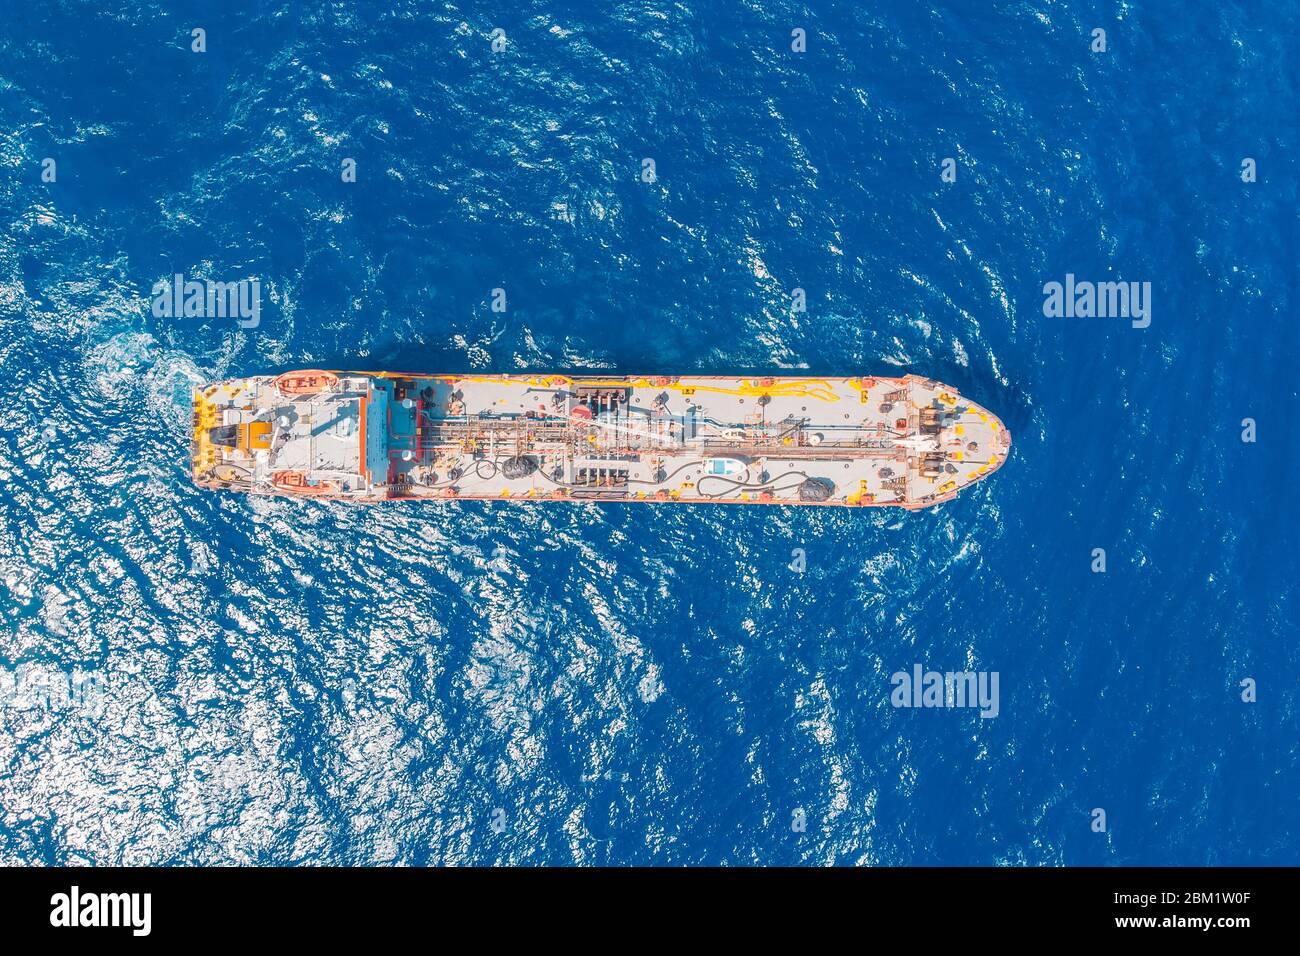 El petrolero químico vela el mar azul. Vista superior de la antena Foto de stock